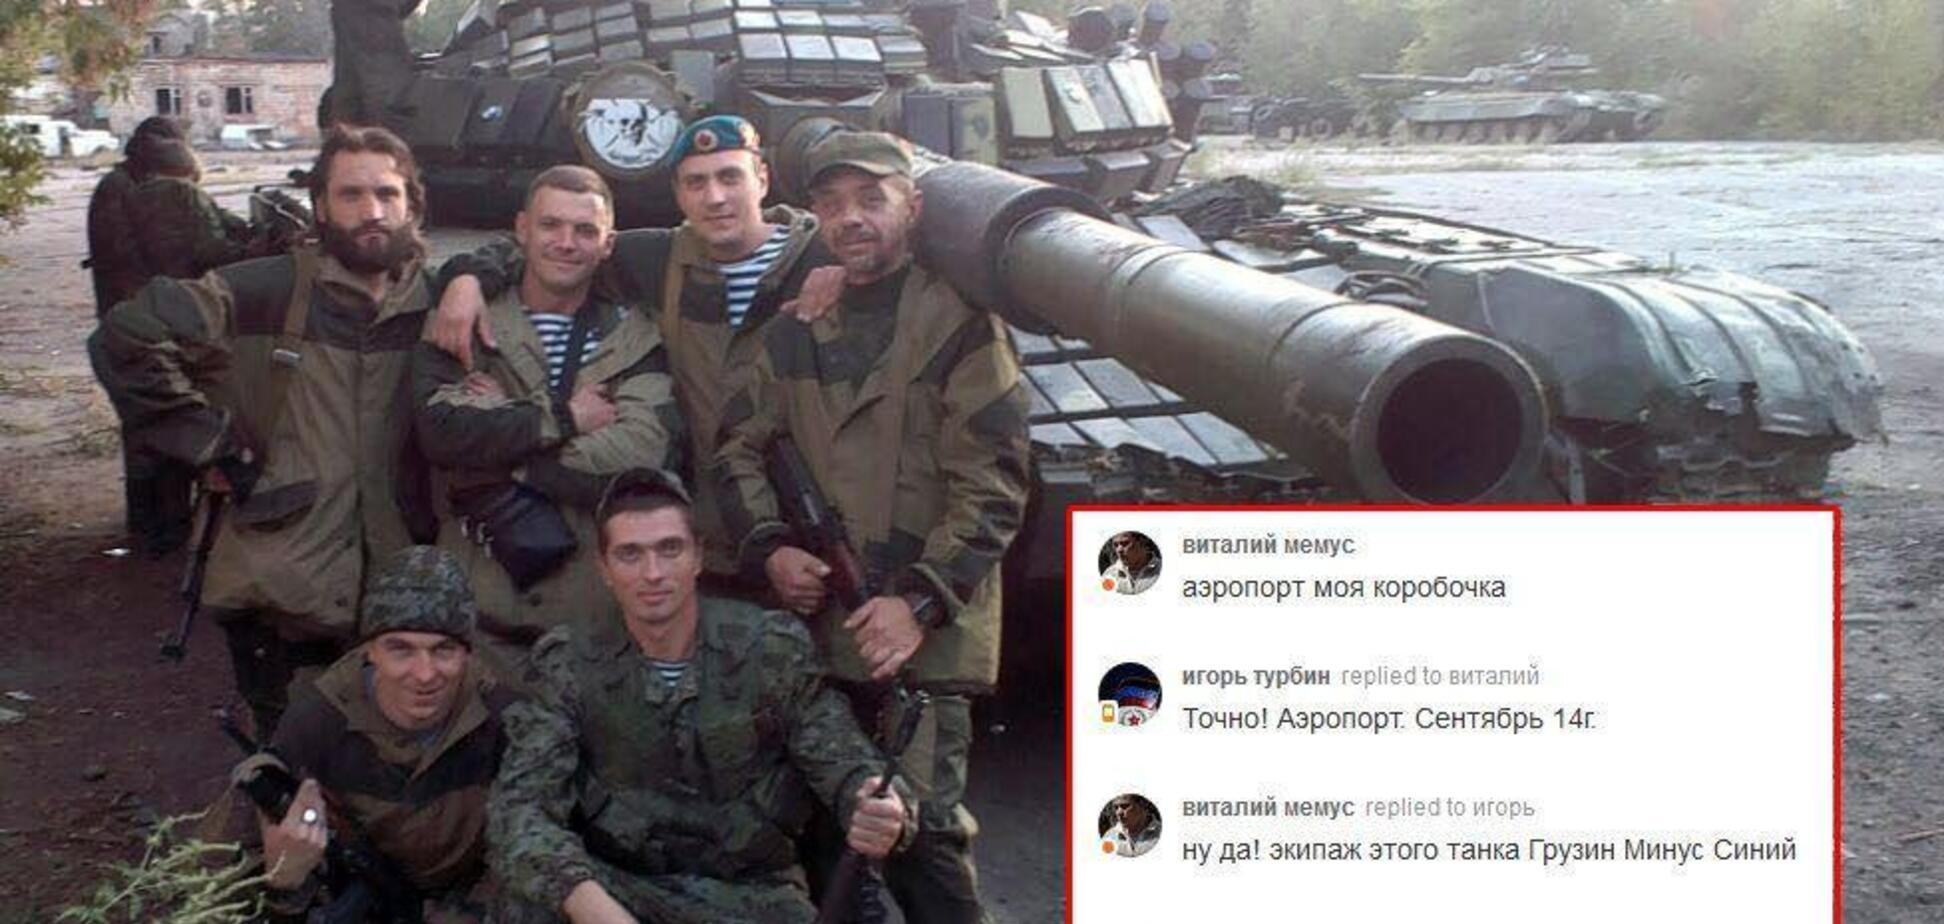 ''Убити по-російськи'': з'явилися нові фото ліквідованих терористів ''Л/ДНР''